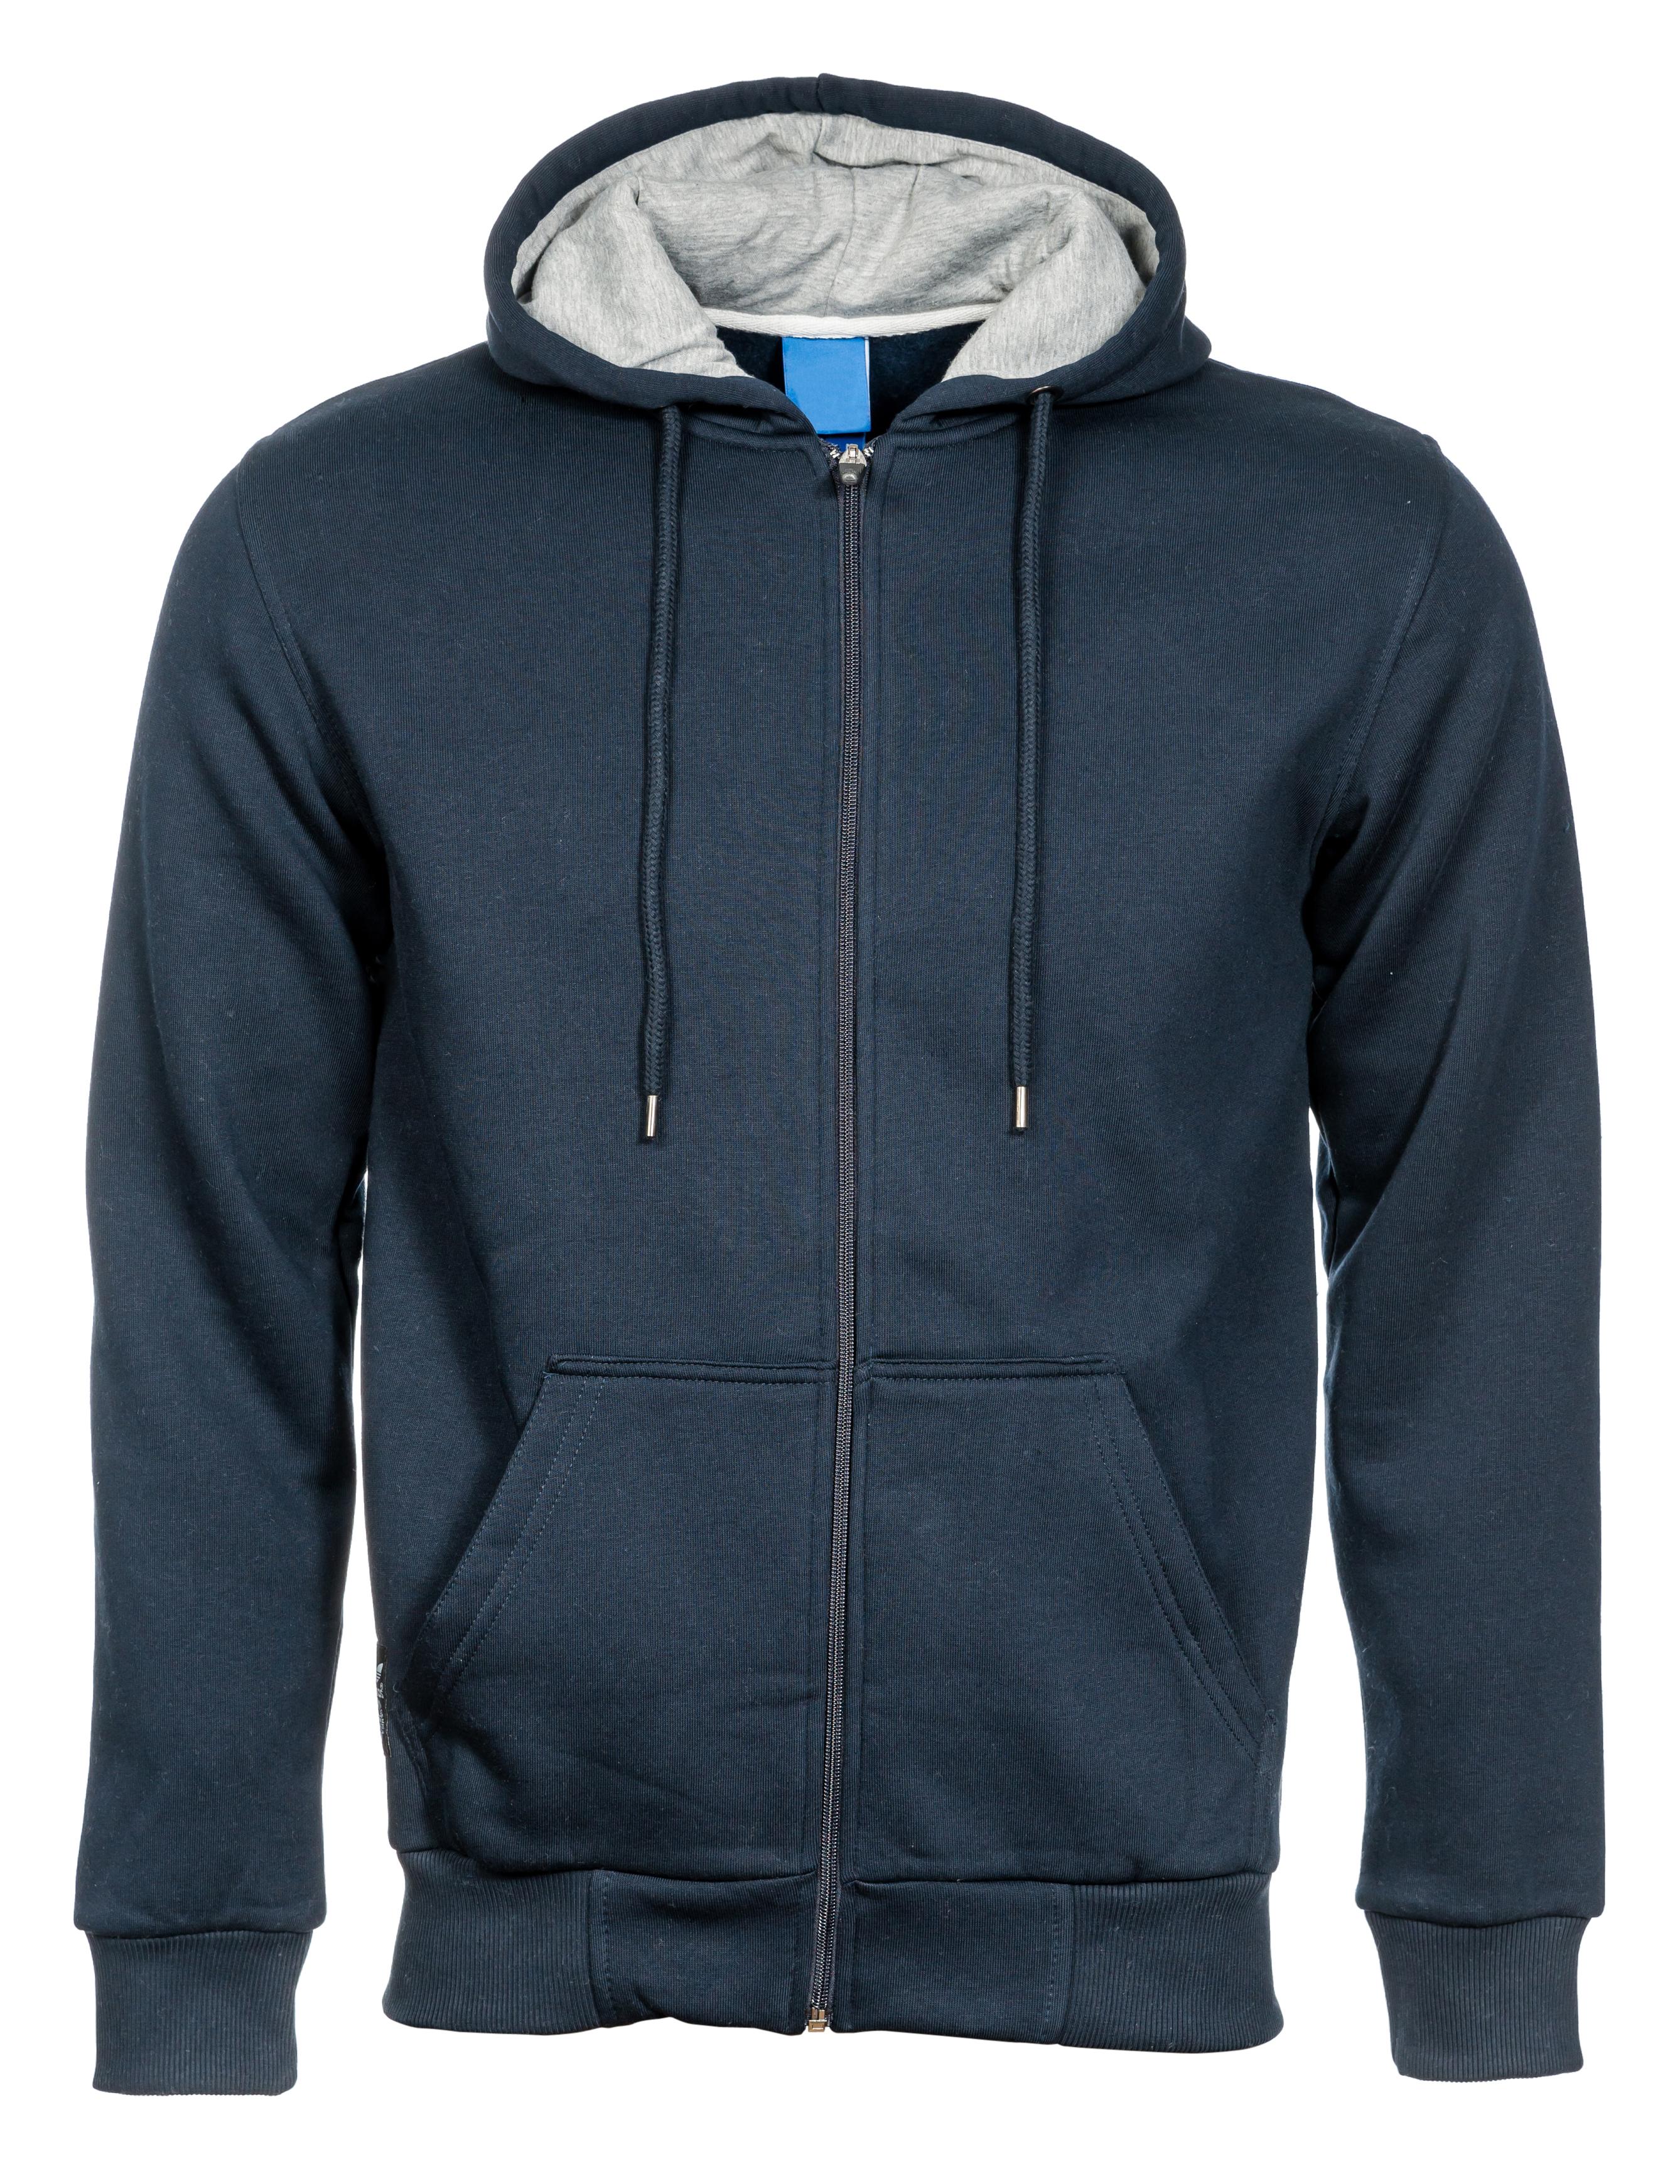 Custom made jackets (19)